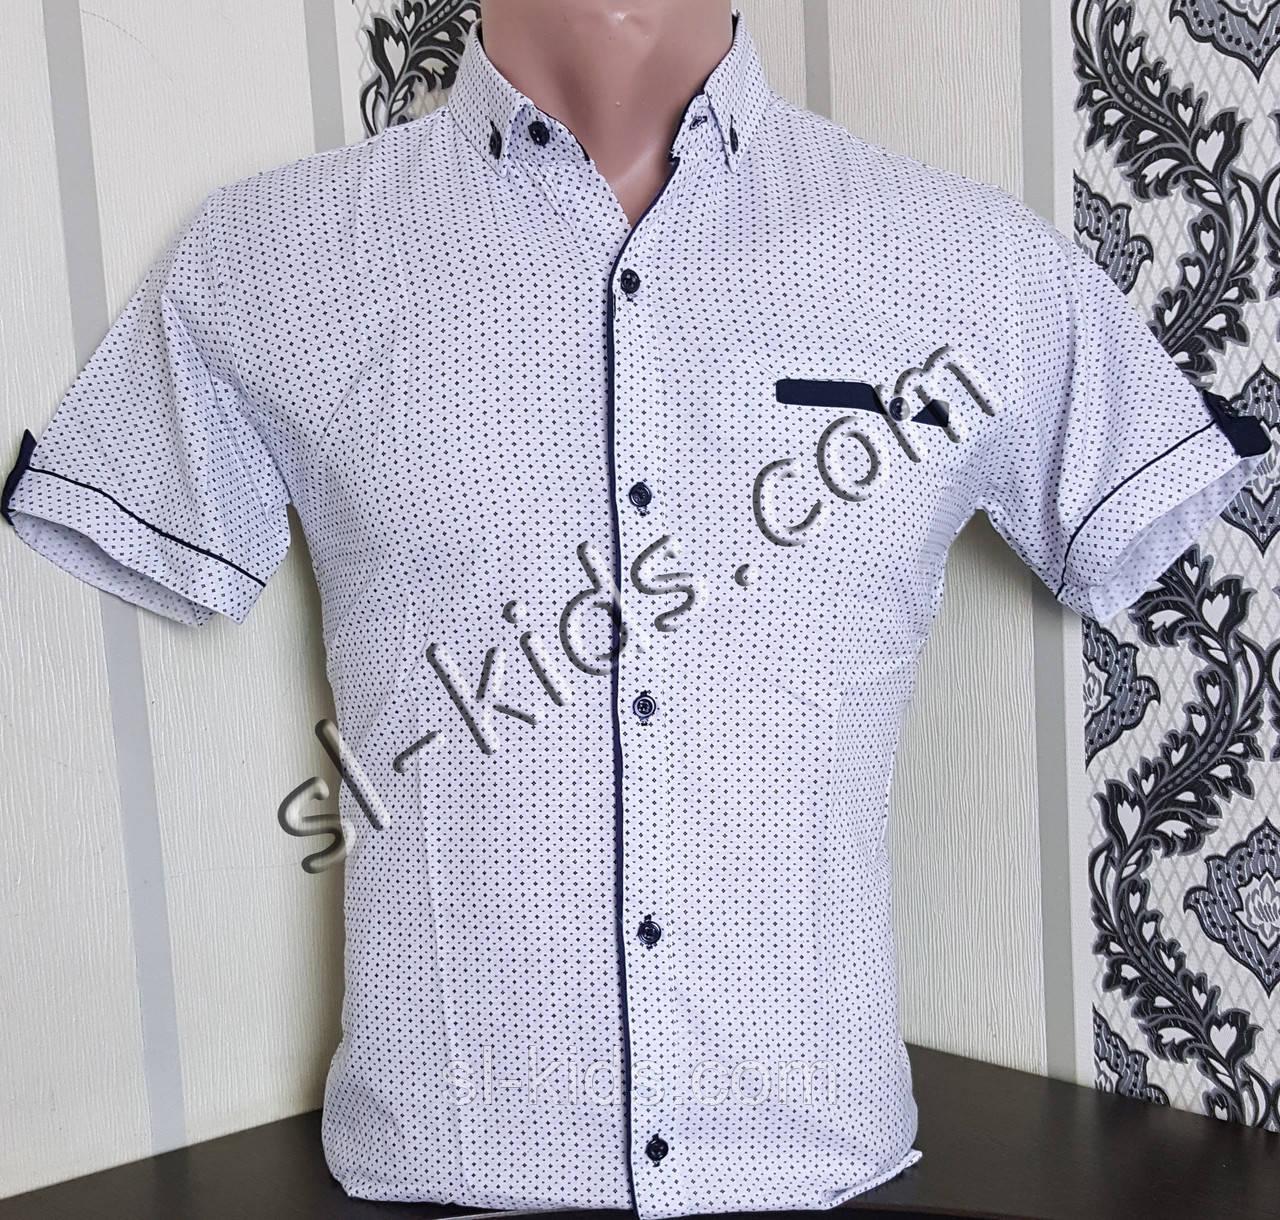 Стильная рубашка(шведка) для мальчика 12-16 лет (розн) (белая) (пр. Турция)